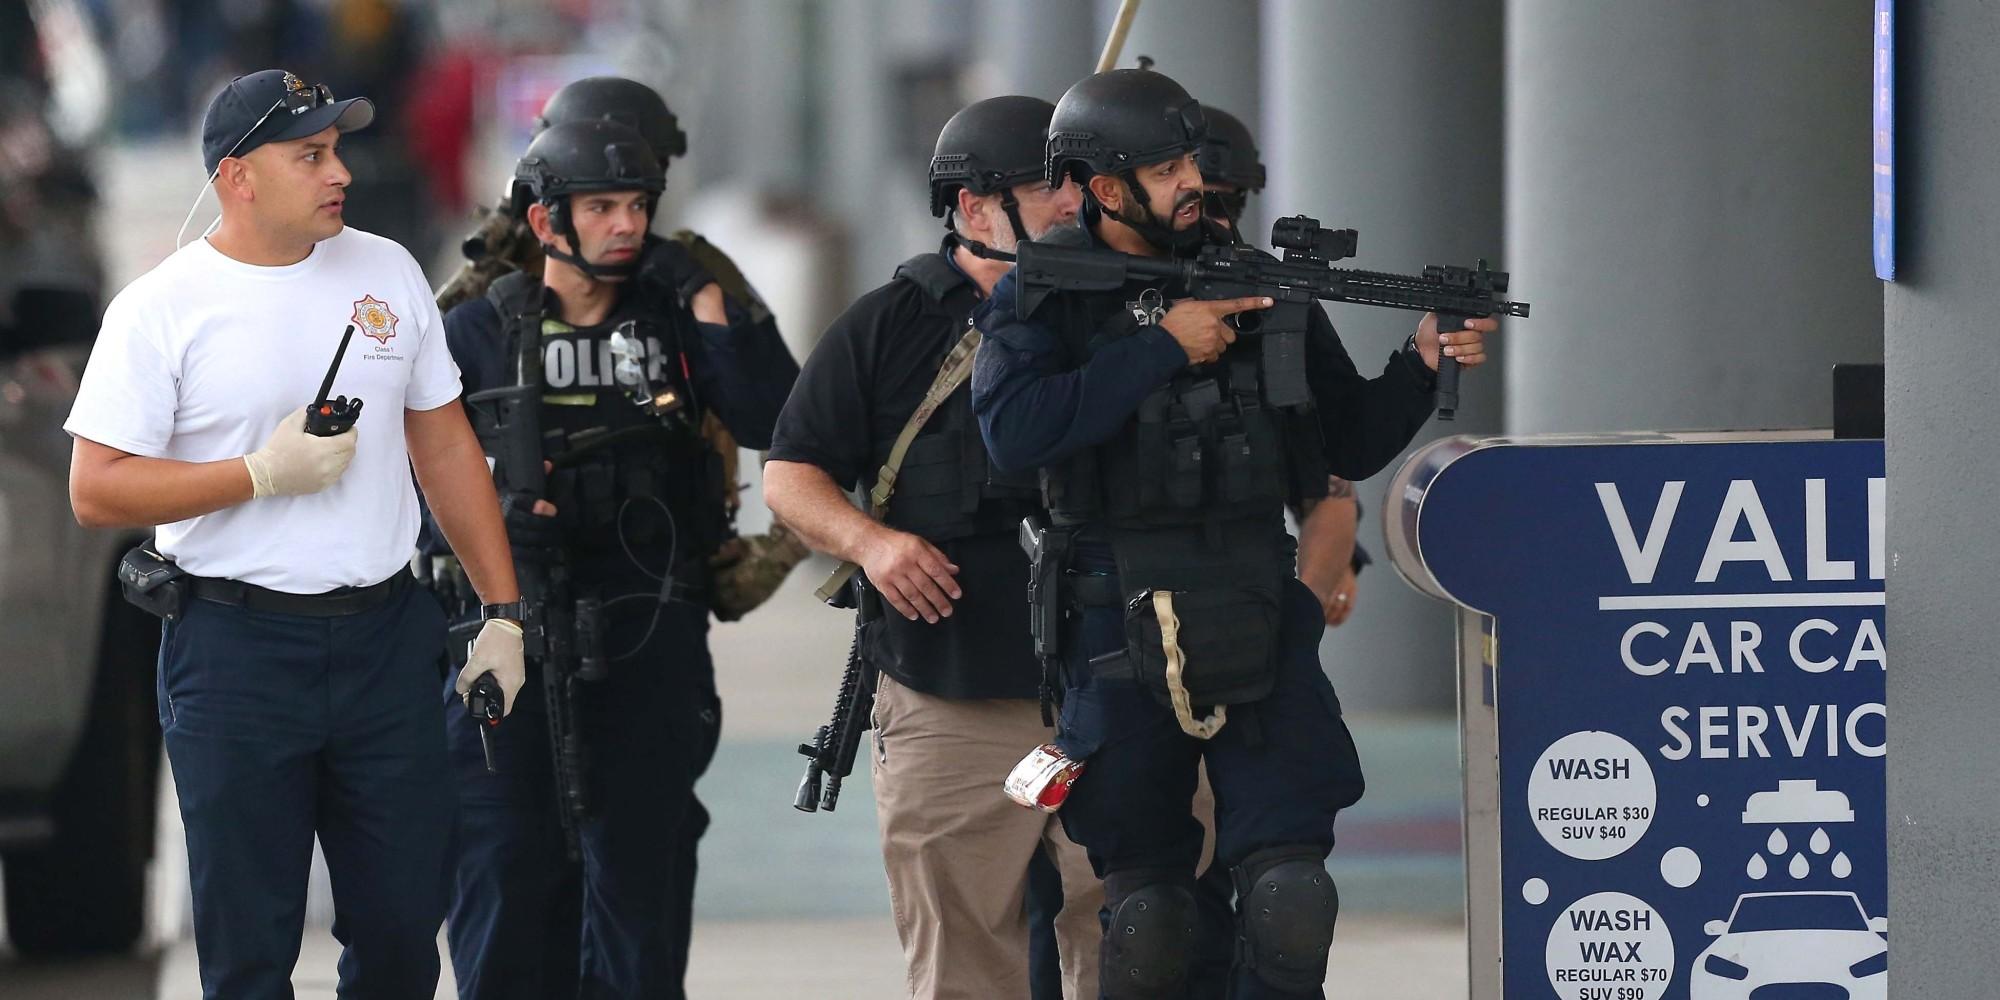 O que aconteceu no atentado na Florida que deixou 5 mortos